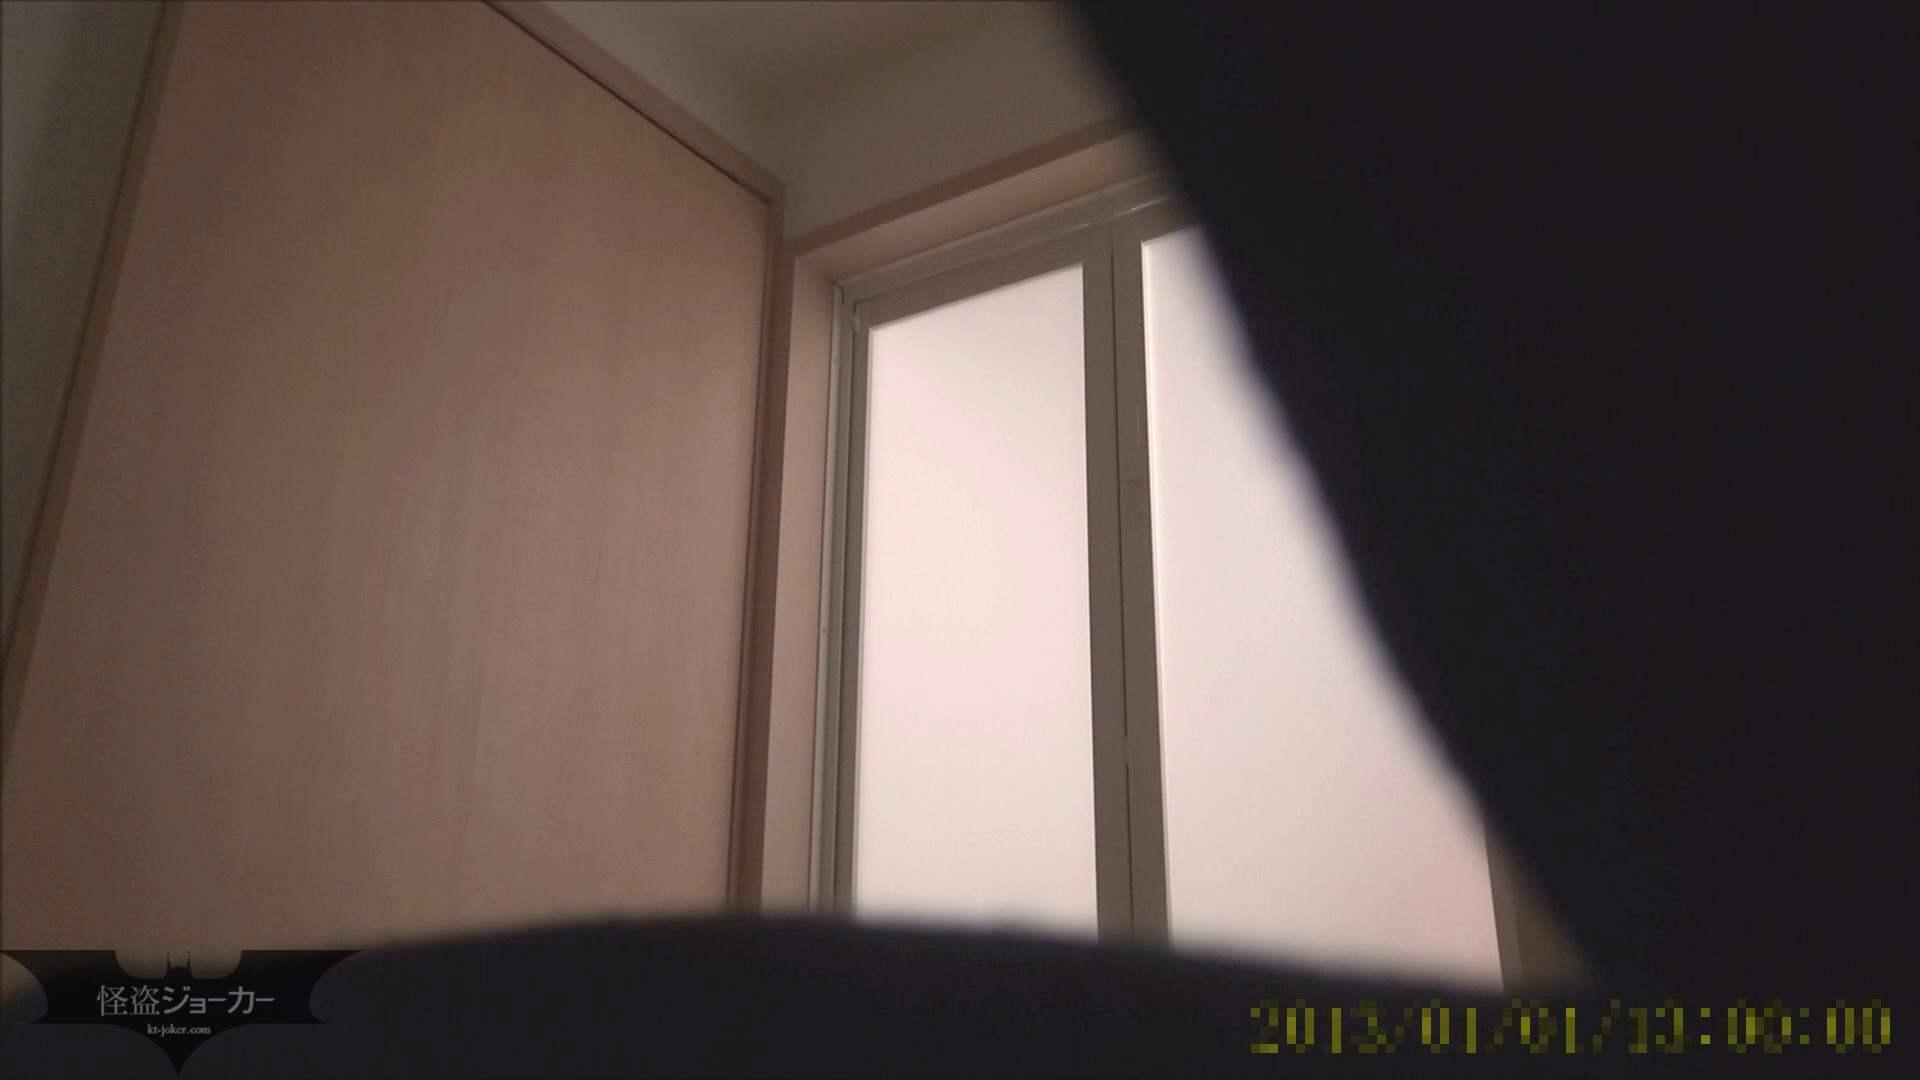 【未公開】vol.103  {黒髪→茶髪ボブに変身}美巨乳アミちゃん④【前編】 丸見え アダルト動画キャプチャ 92画像 43